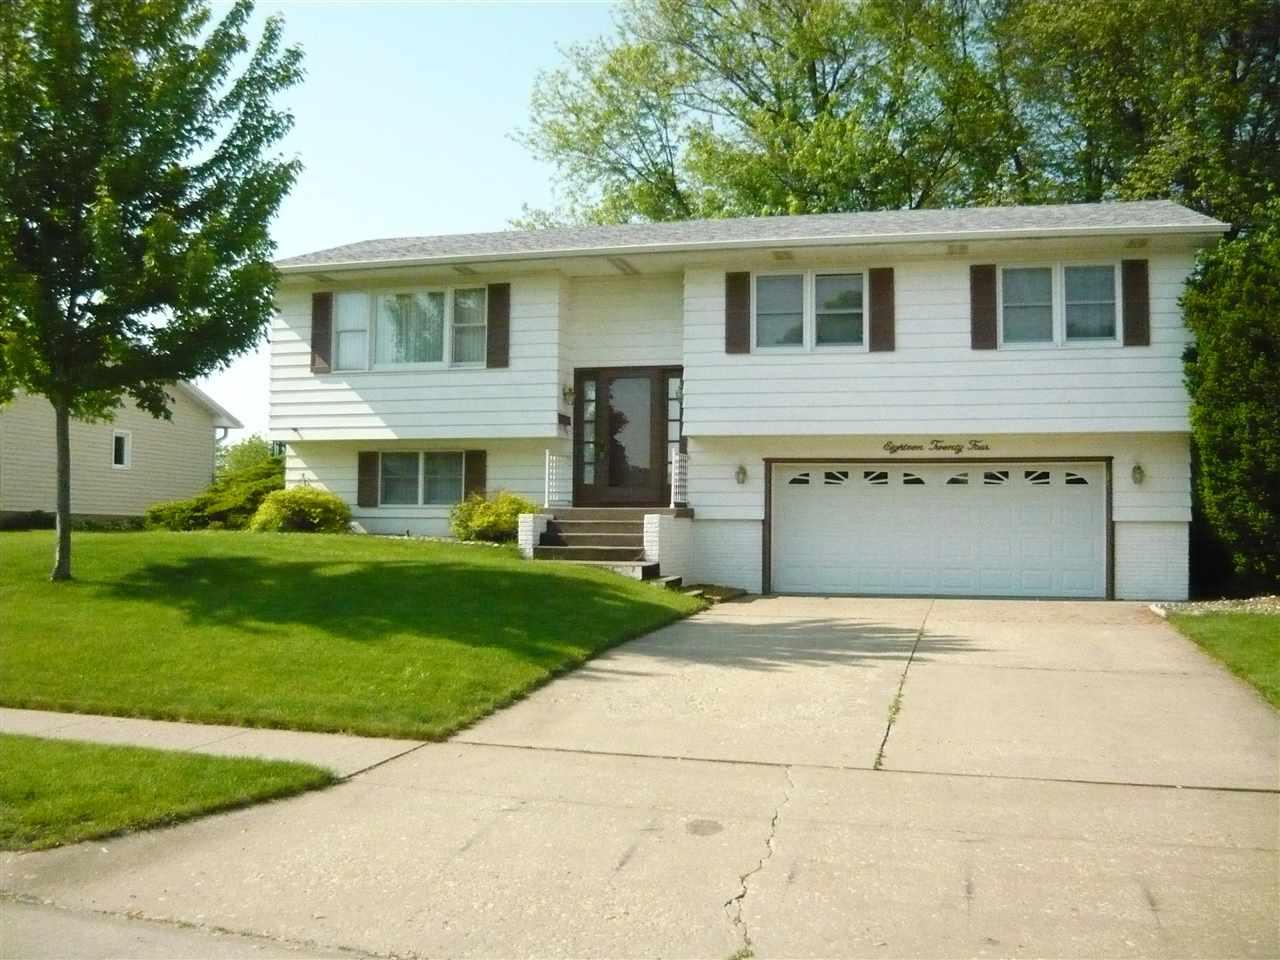 Real Estate for Sale, ListingId: 36323780, Clinton,IA52732